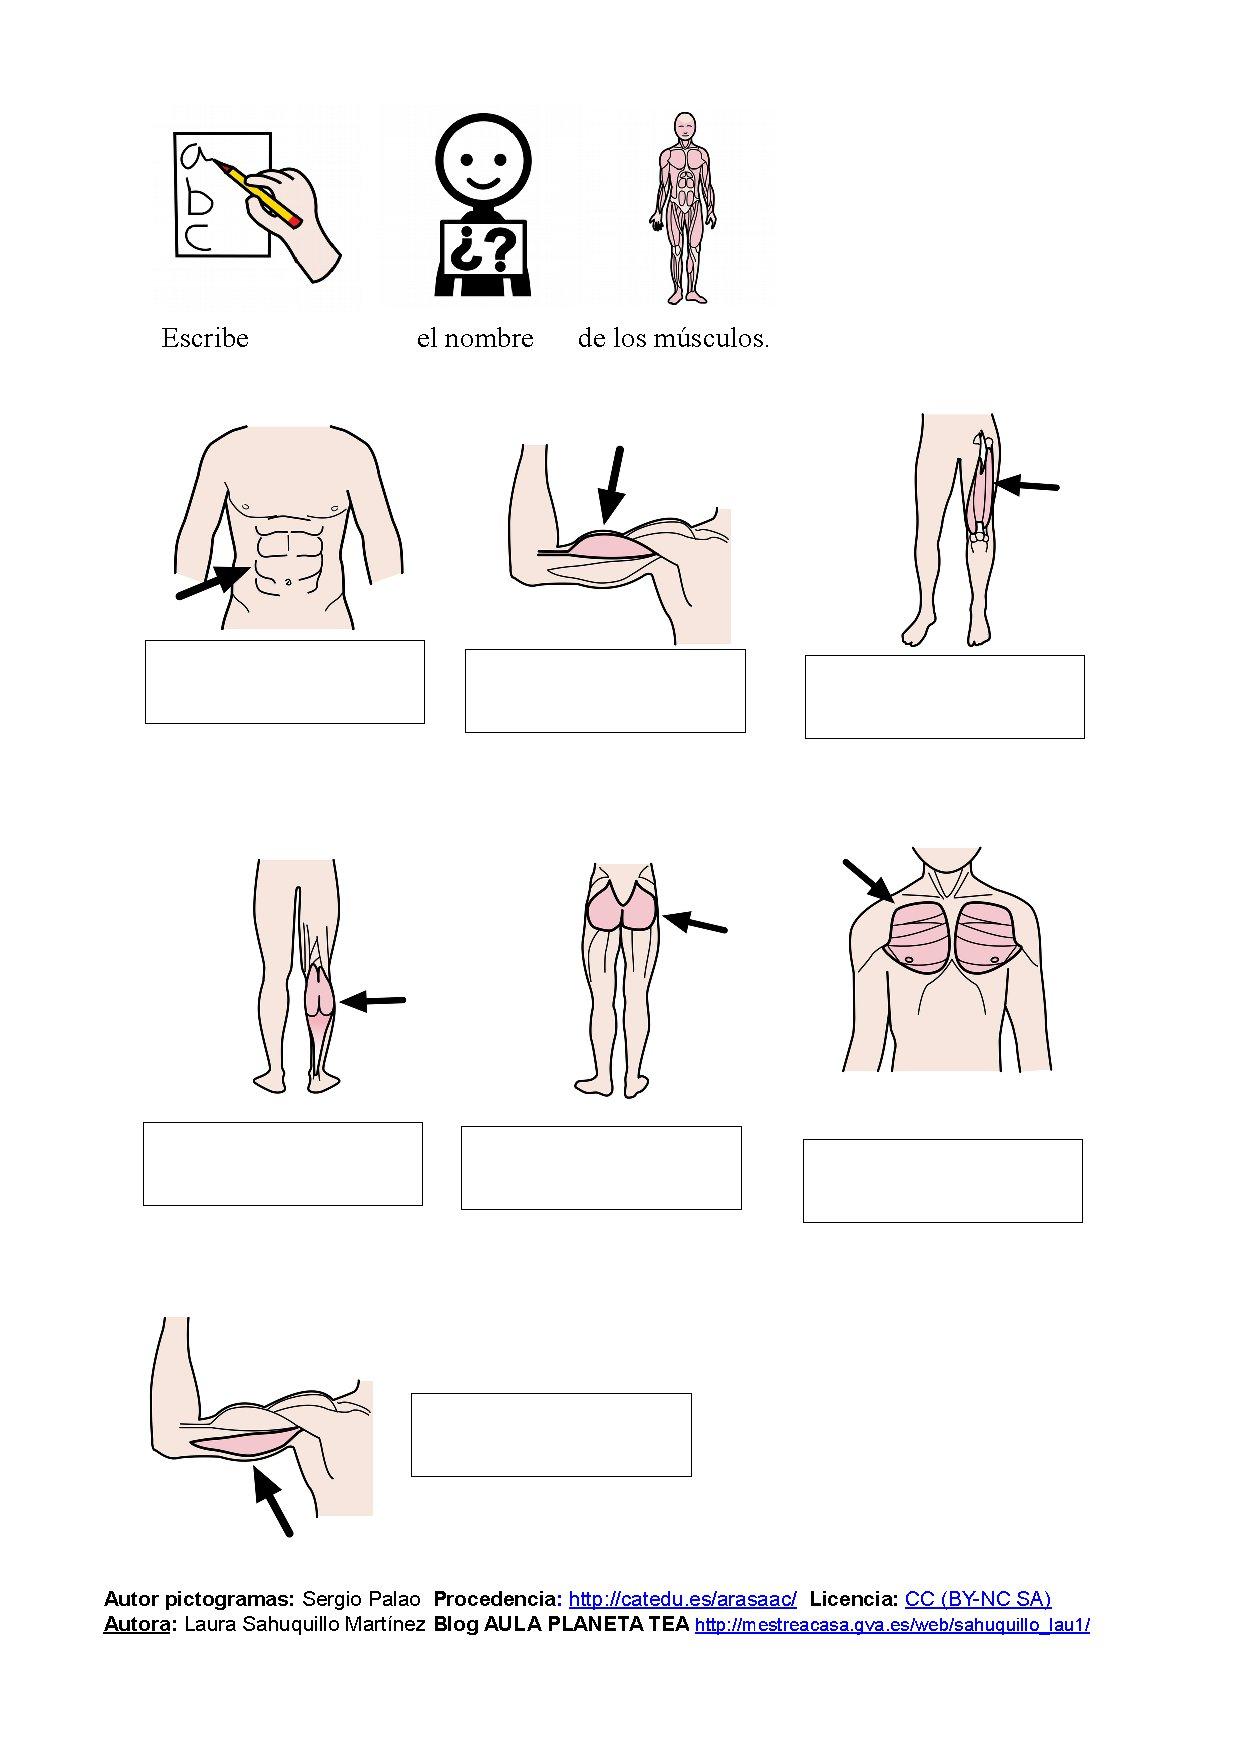 Lujoso Libro Para Colorear De Músculos Adorno - Dibujos Para ...